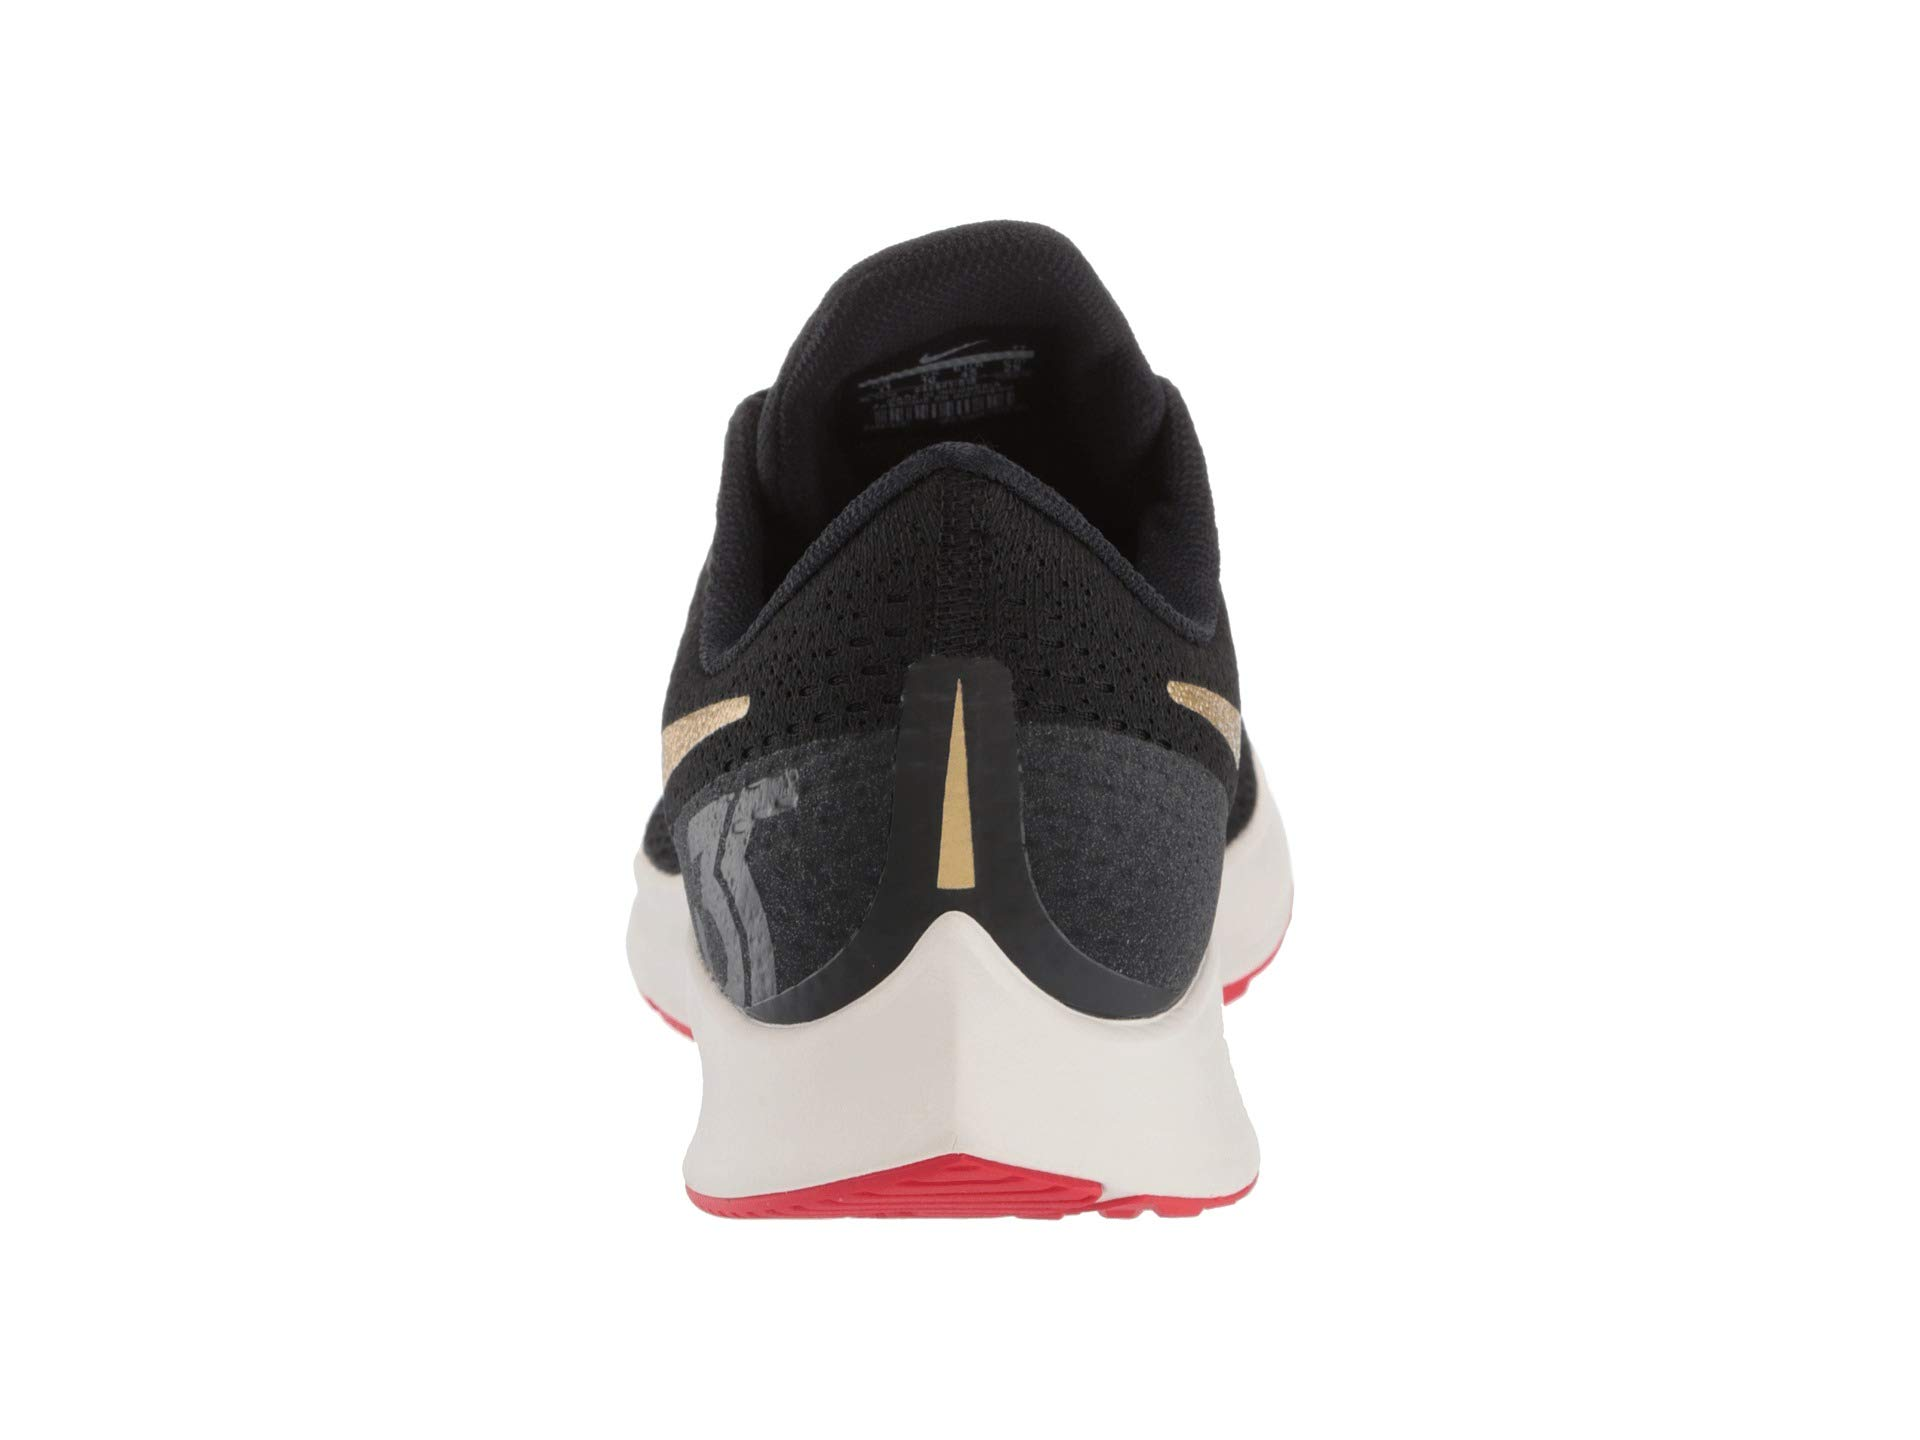 Nike Air Zoom Pegasus 35 Sz 6.5 Mens Running Black/Metallic Gold-University Red Shoes by Nike (Image #3)